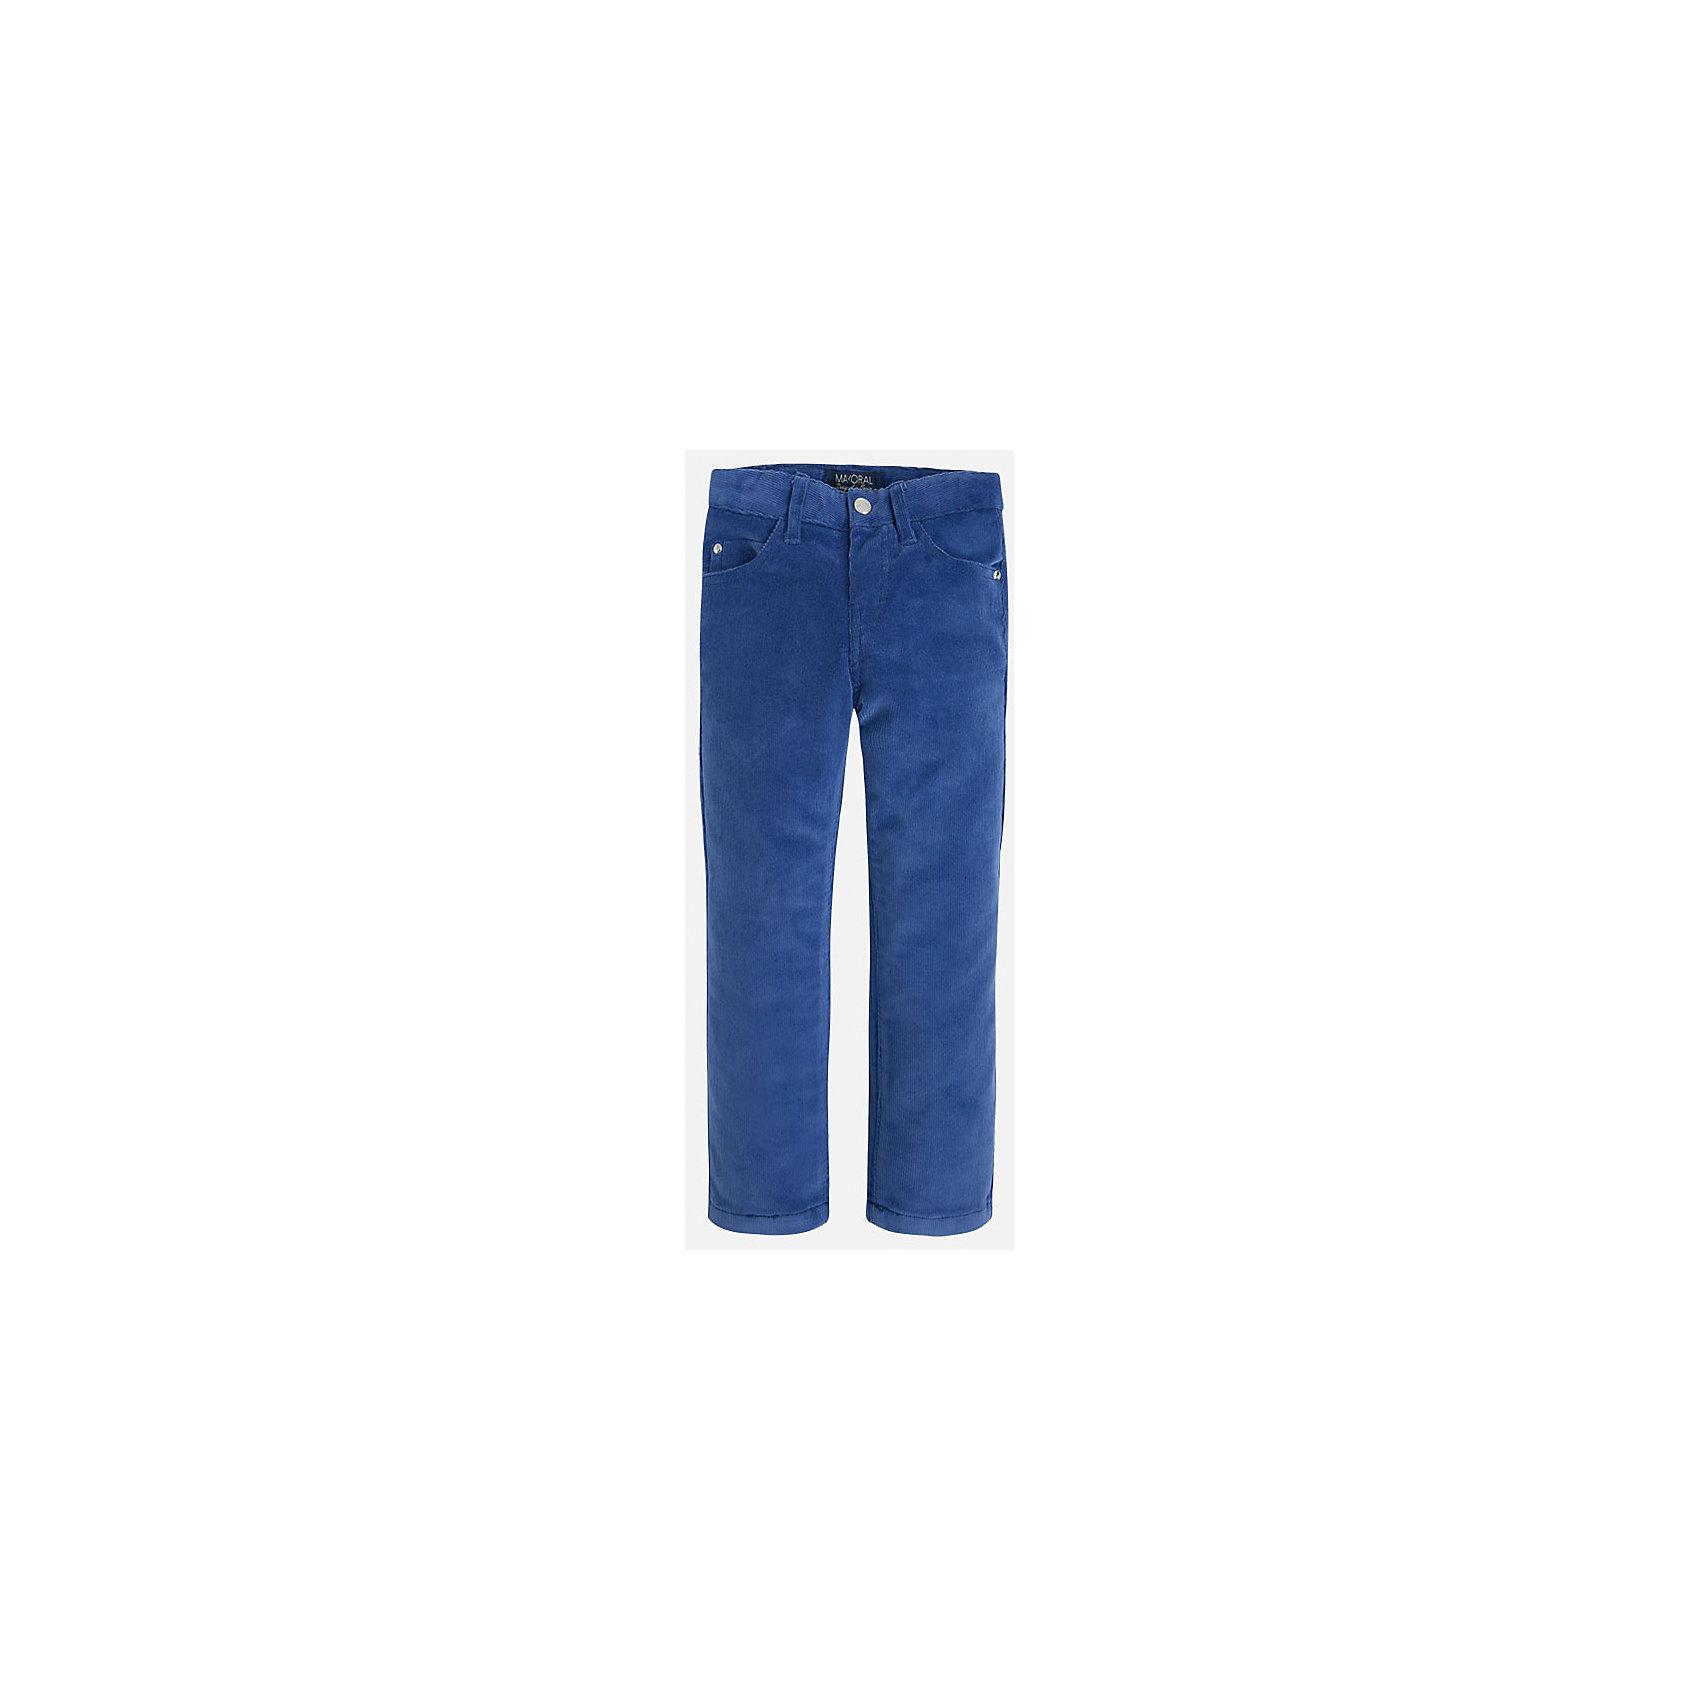 Брюки для мальчика MayoralВельветовые брюки для мальчика от известного испанского бренда Mayoral(Майорал). Брюки с удобной регулируемой талией имеют по 2 кармана спереди и сзади. Эти брюки прекрасно впишутся в гардероб ребенка!<br><br>Дополнительная информация:<br>Состав: 72% хлопок, 26% полиэстер, 2% эластан<br>Цвет: синий<br>Вы можете купить брюки для мальчика Mayoral(Майорал) в нашем интернет-магазине.<br><br>Ширина мм: 215<br>Глубина мм: 88<br>Высота мм: 191<br>Вес г: 336<br>Цвет: фиолетовый<br>Возраст от месяцев: 60<br>Возраст до месяцев: 72<br>Пол: Мужской<br>Возраст: Детский<br>Размер: 116,98,110,104,134,128,122<br>SKU: 4821200